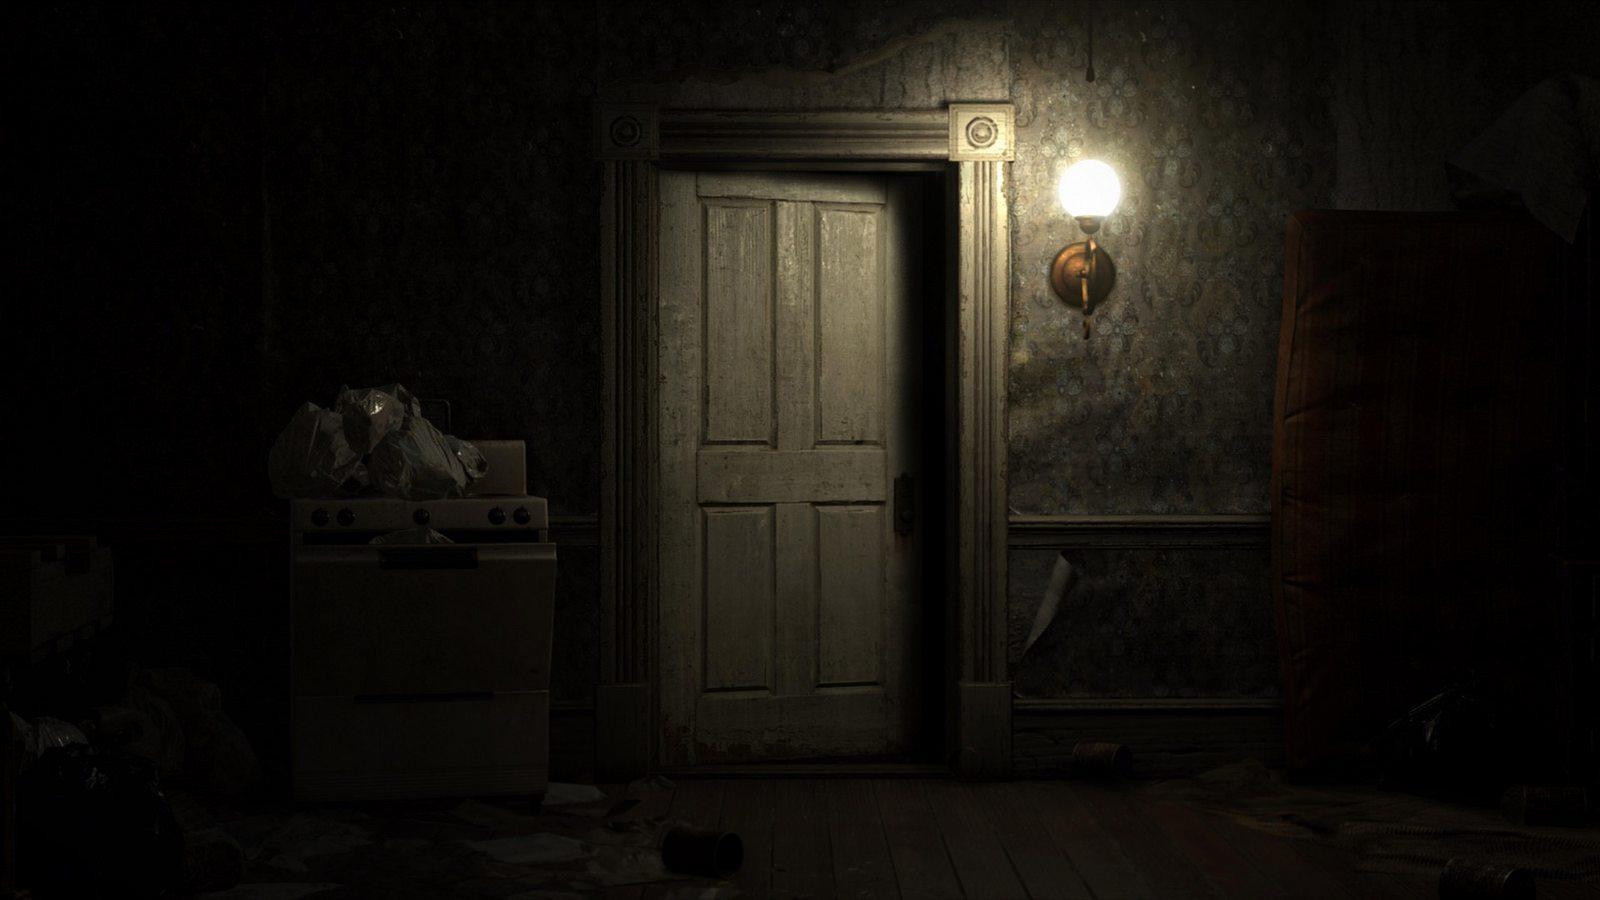 Resident Evil VII: biohazard door